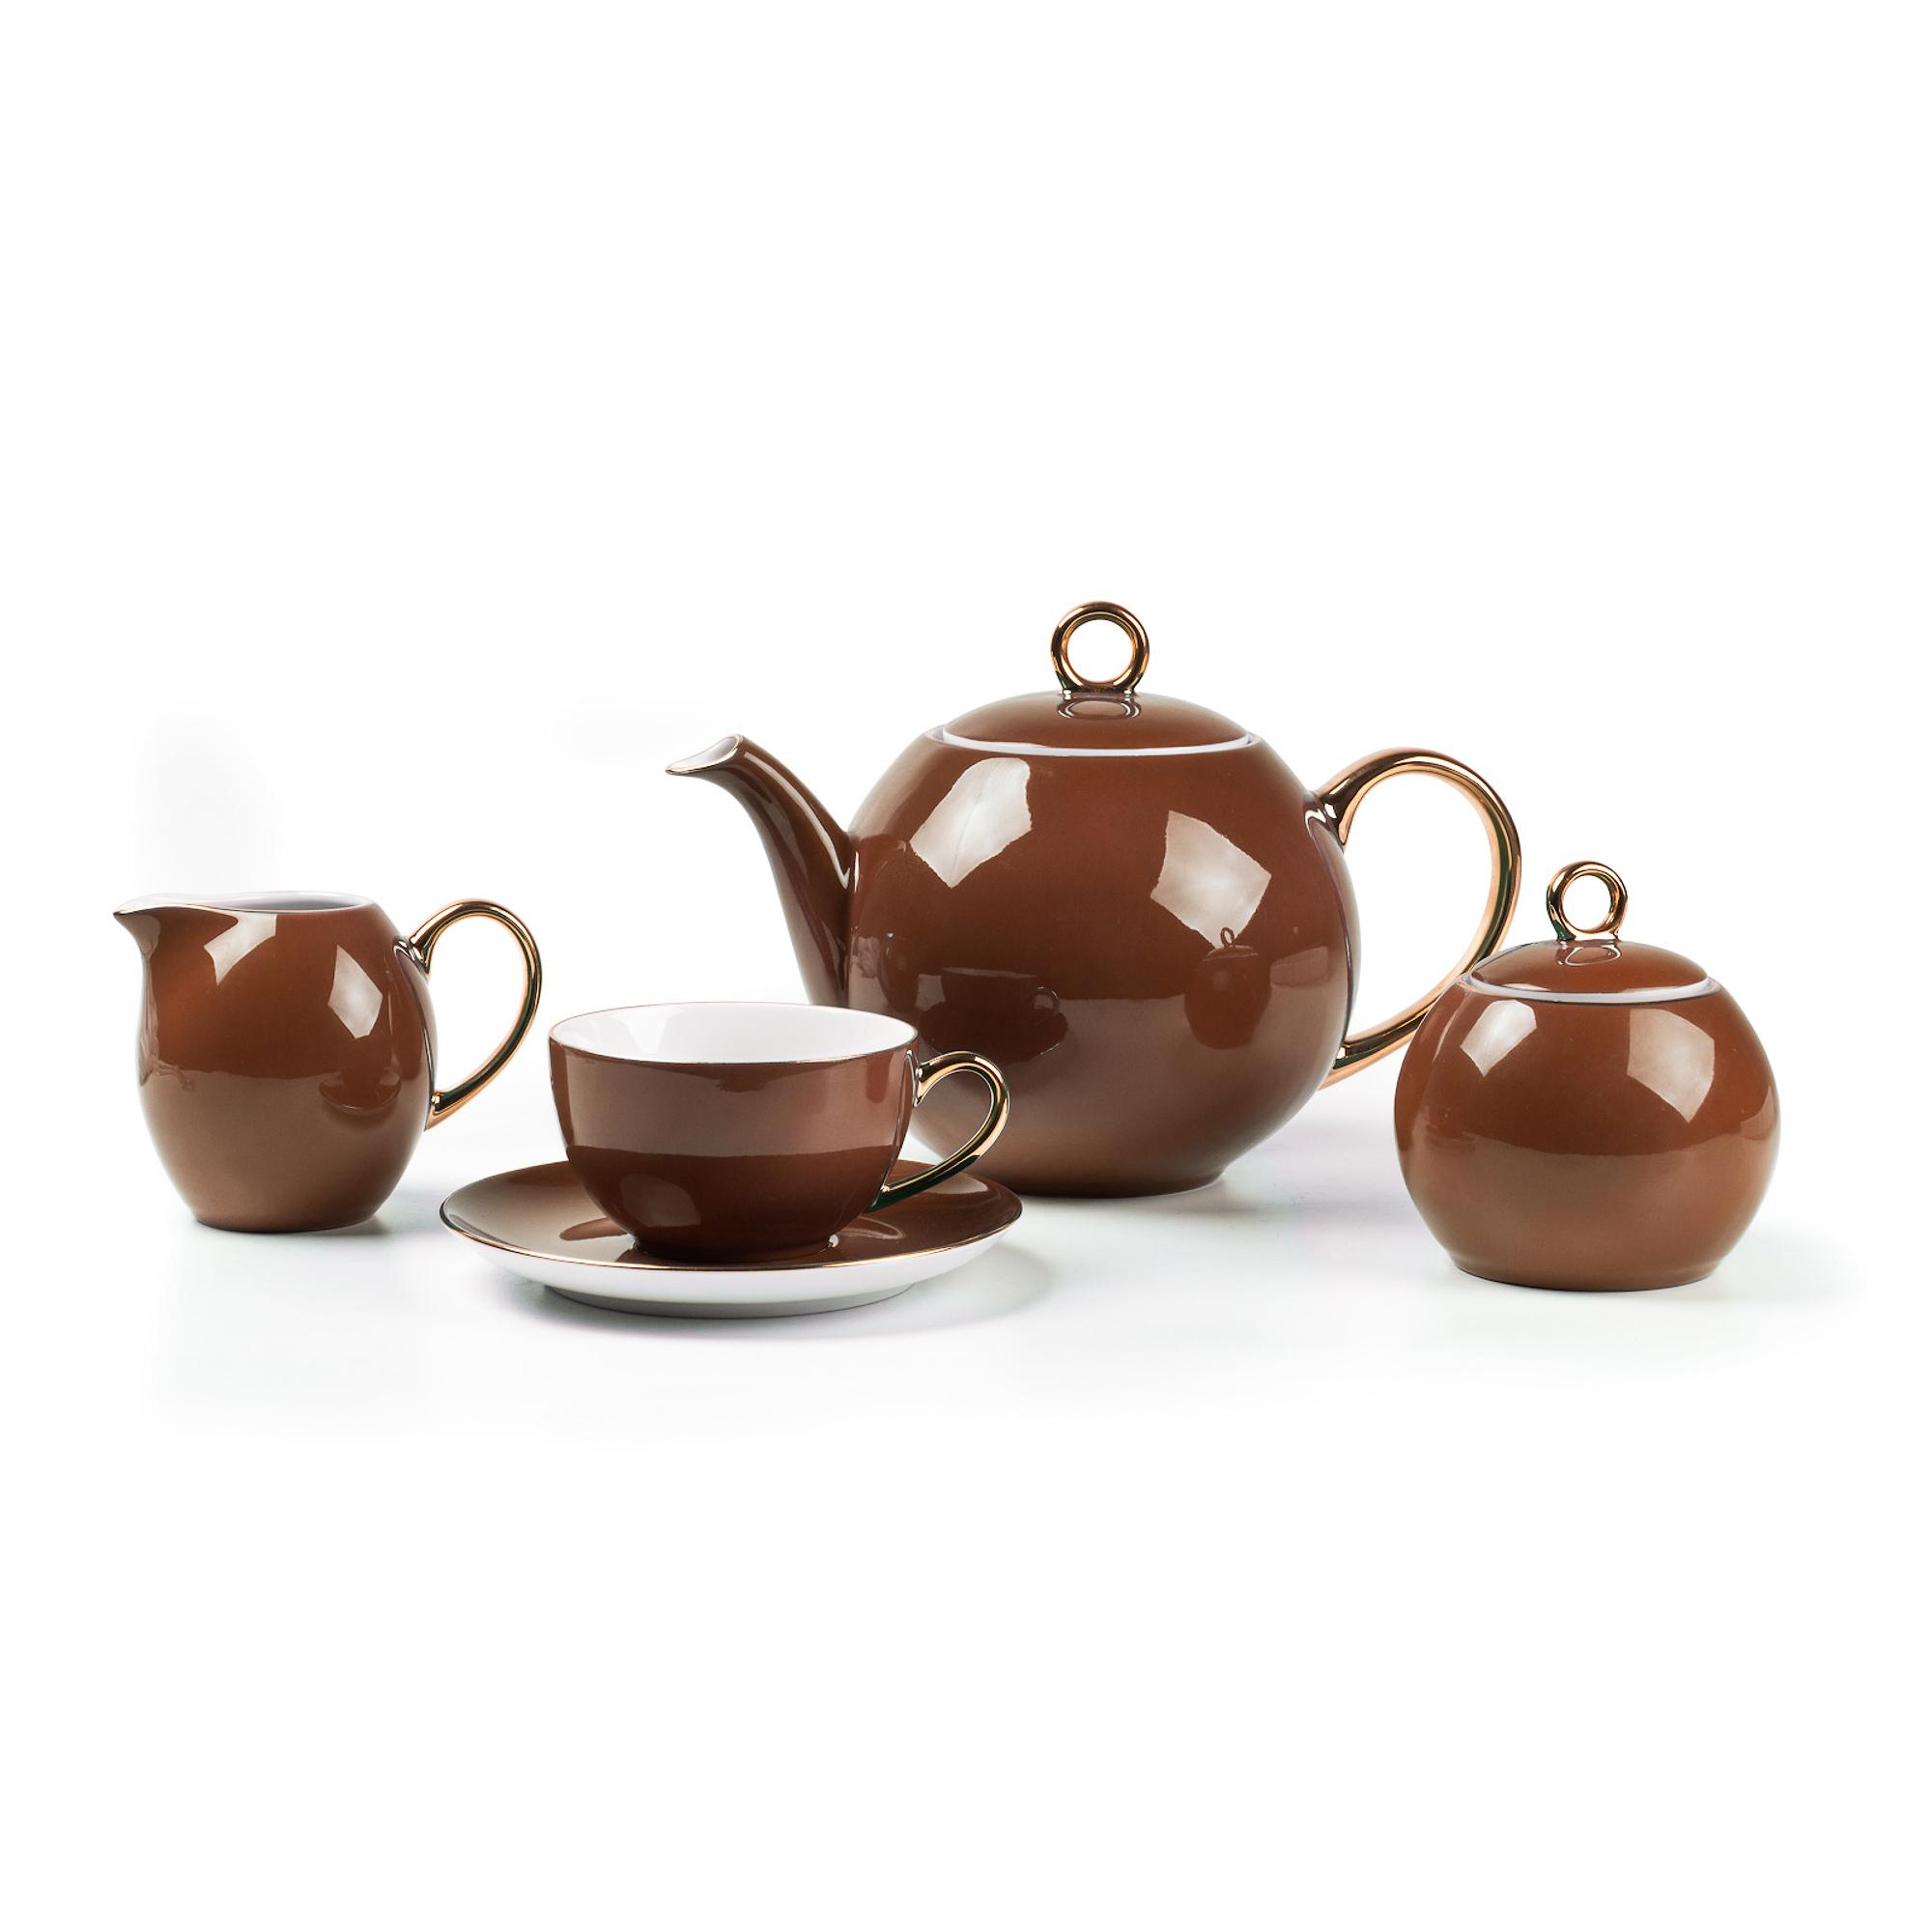 Сервиз чайный Rose De Sable Monalisa 15 предметов 6 персон сервиз чайный из фарфора 12 предметов лаура 84 670